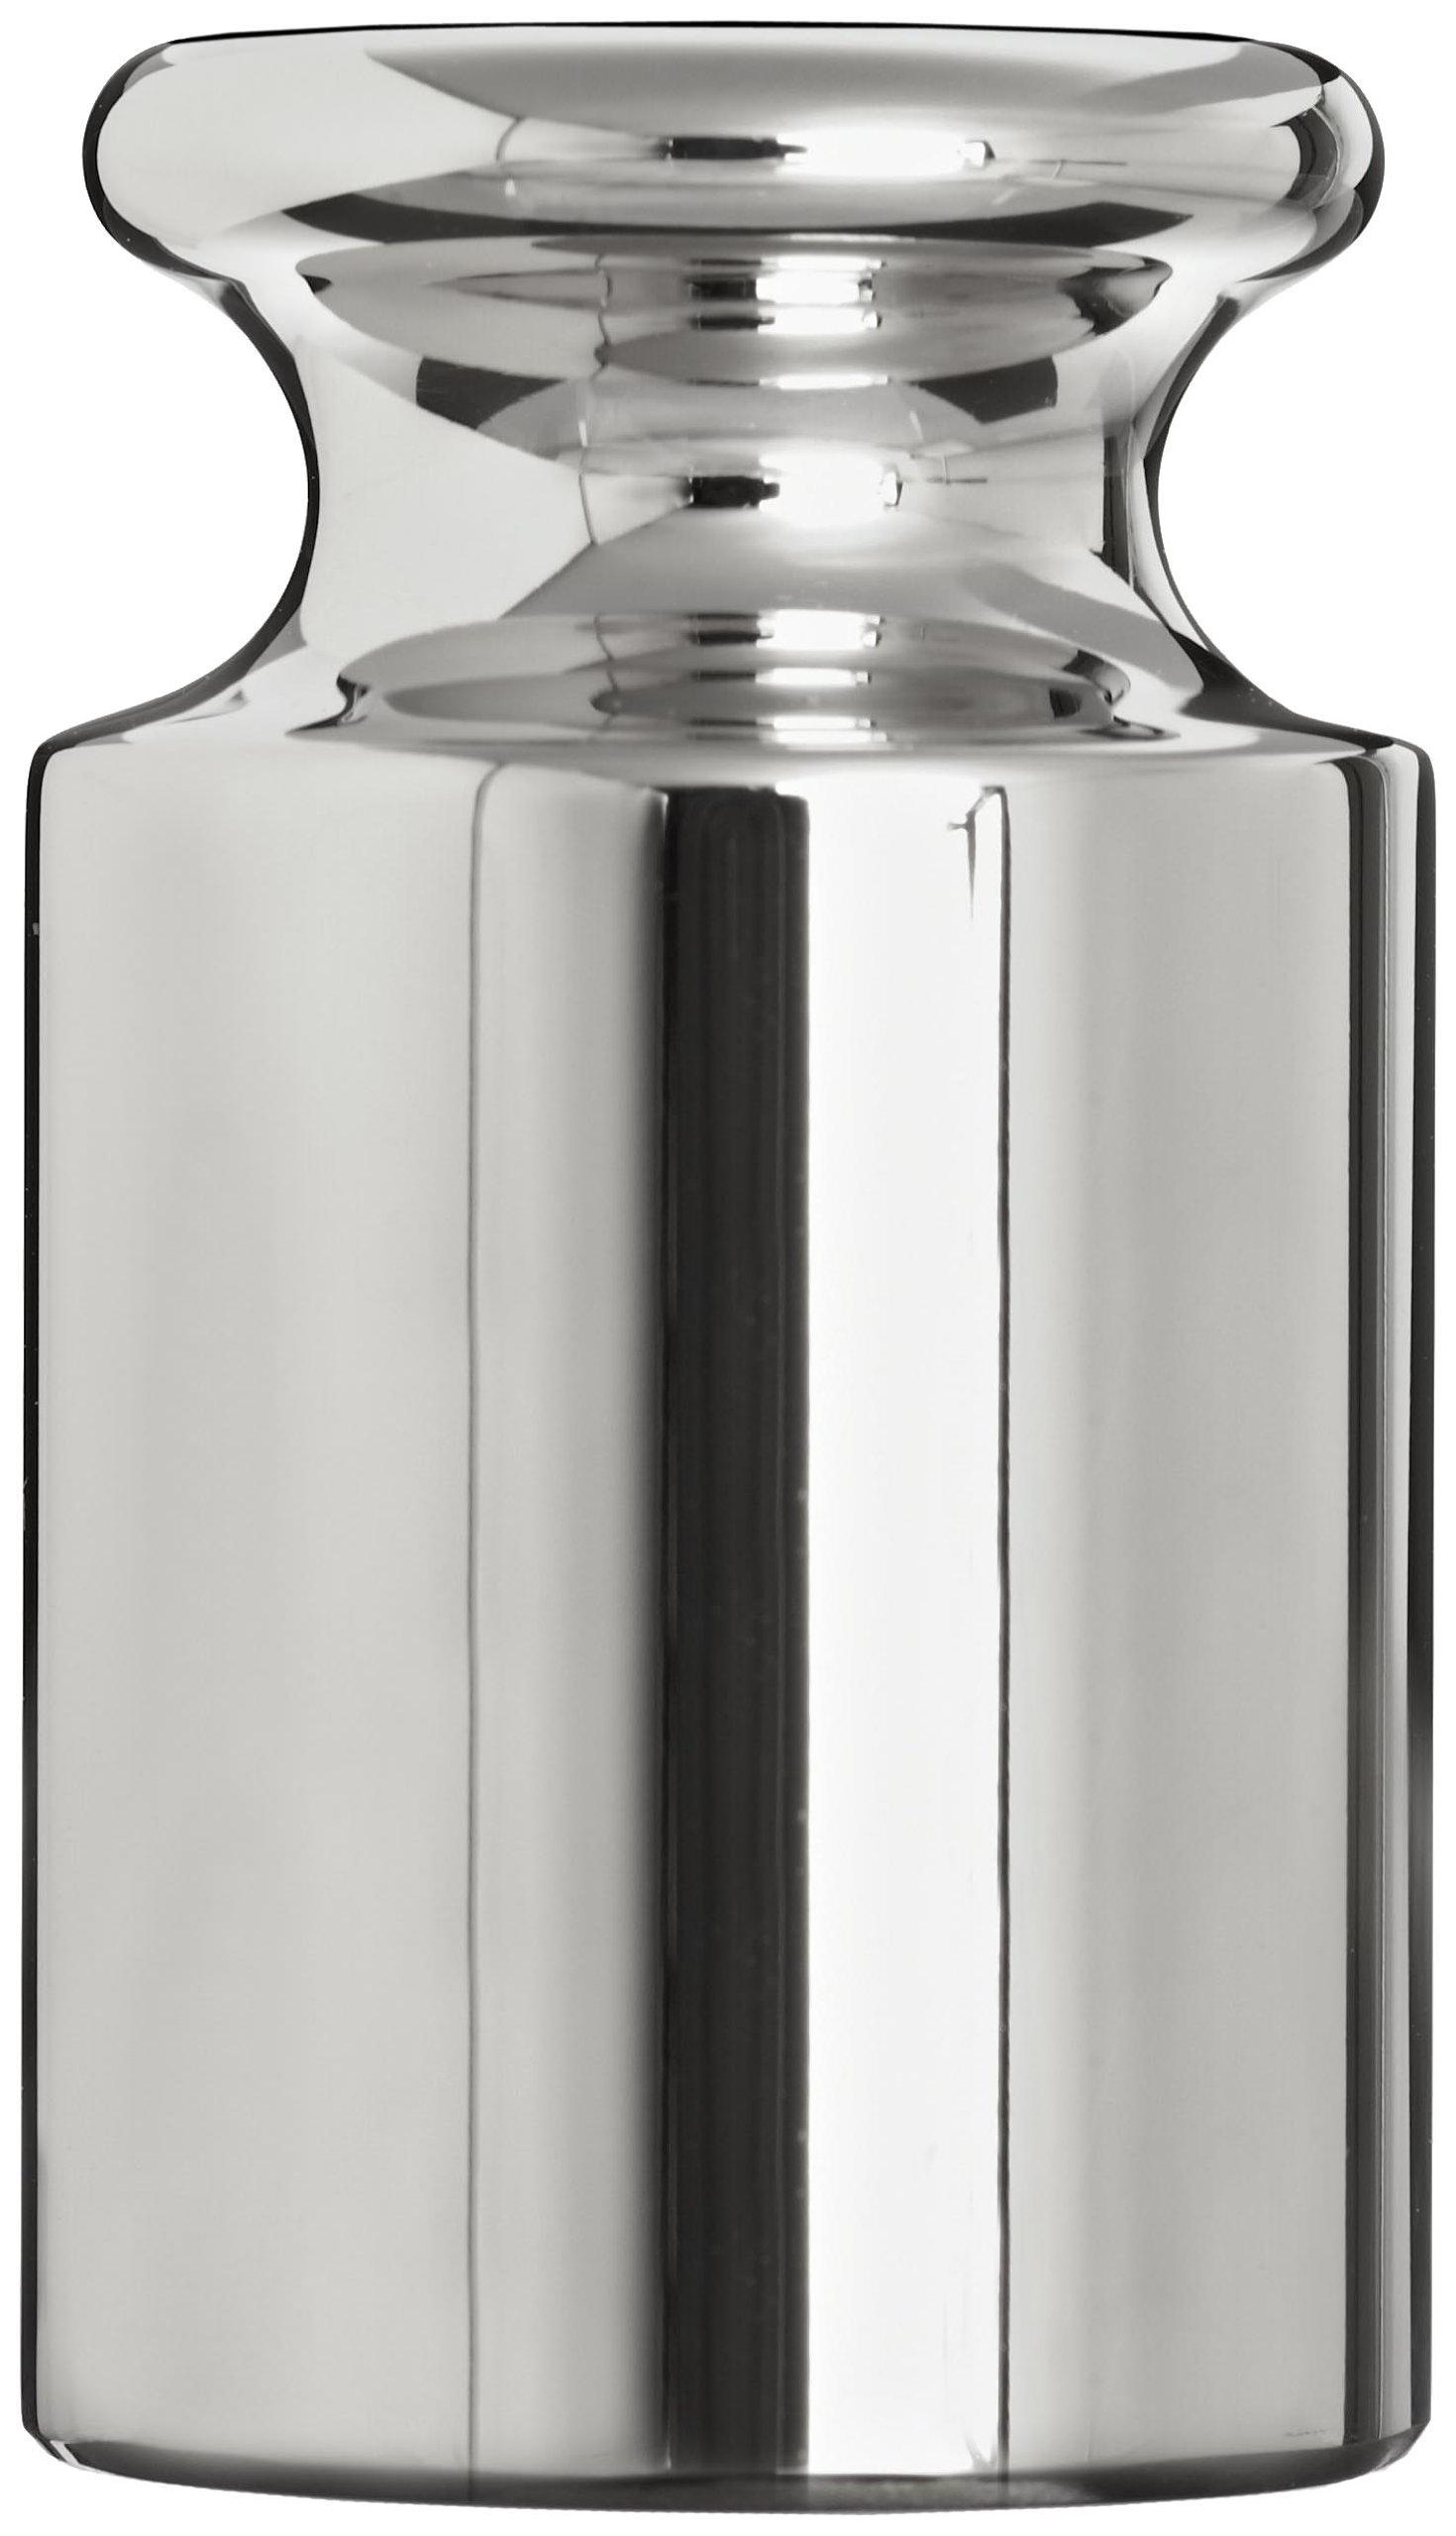 Adam Equipment 100g Stainless Steel ASTM Class 2 Calibration Weight